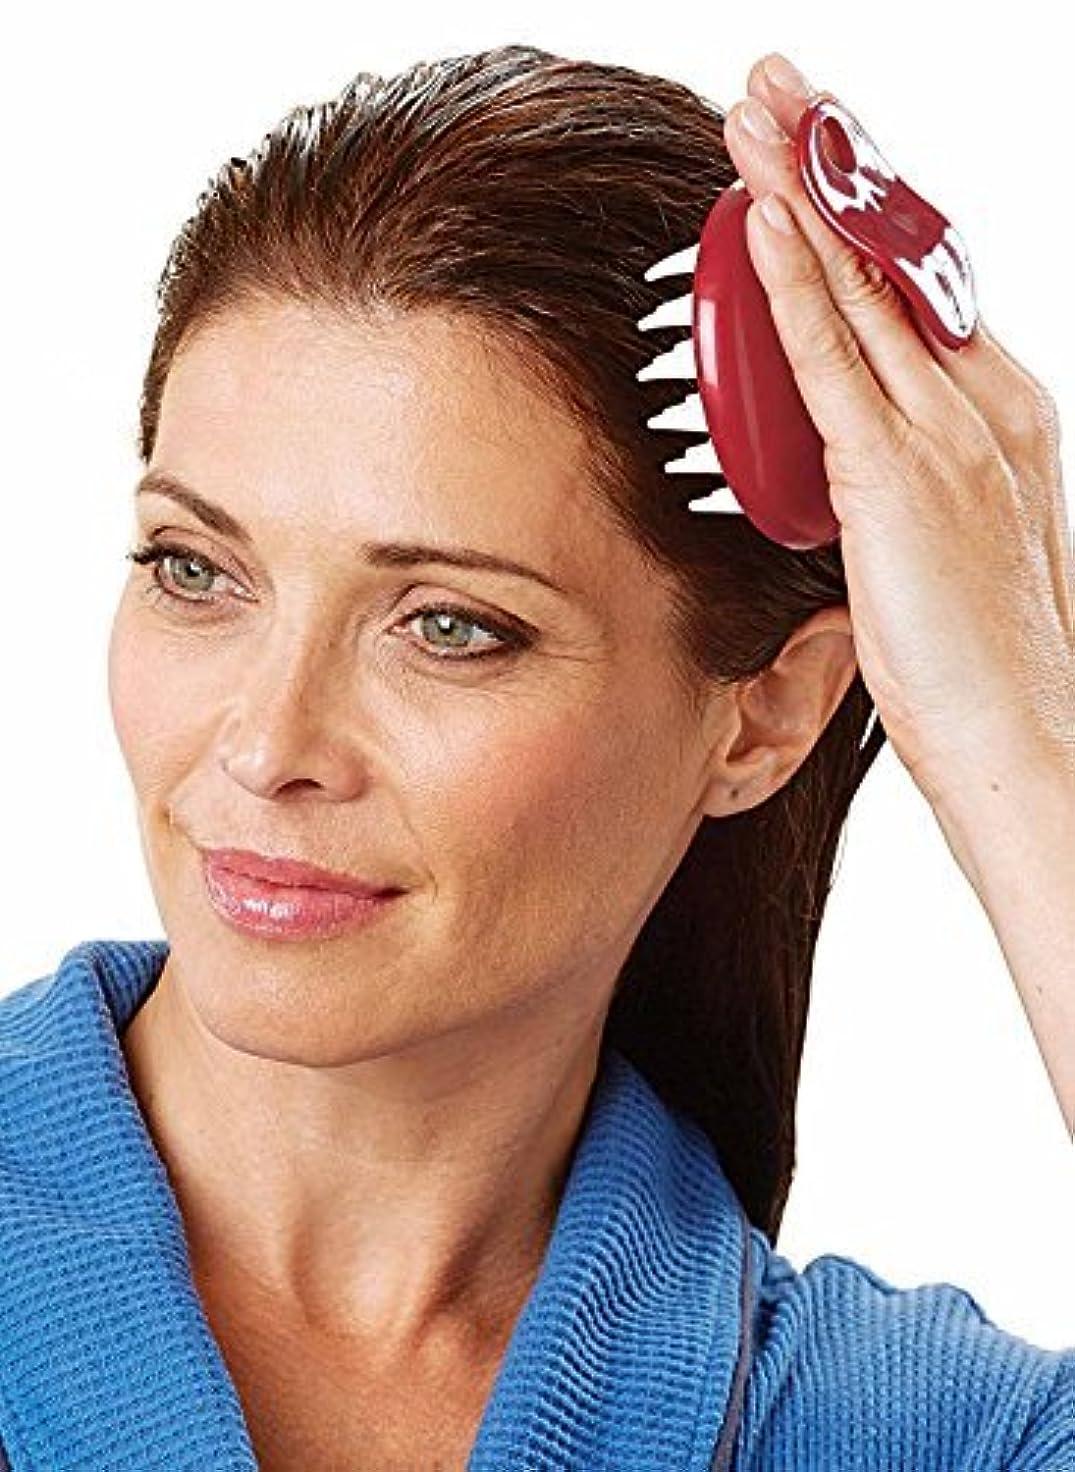 マーベルモンクパーセントSet of 2 Shampoo and Scalp Hair Washing Comb Massager Brush [並行輸入品]